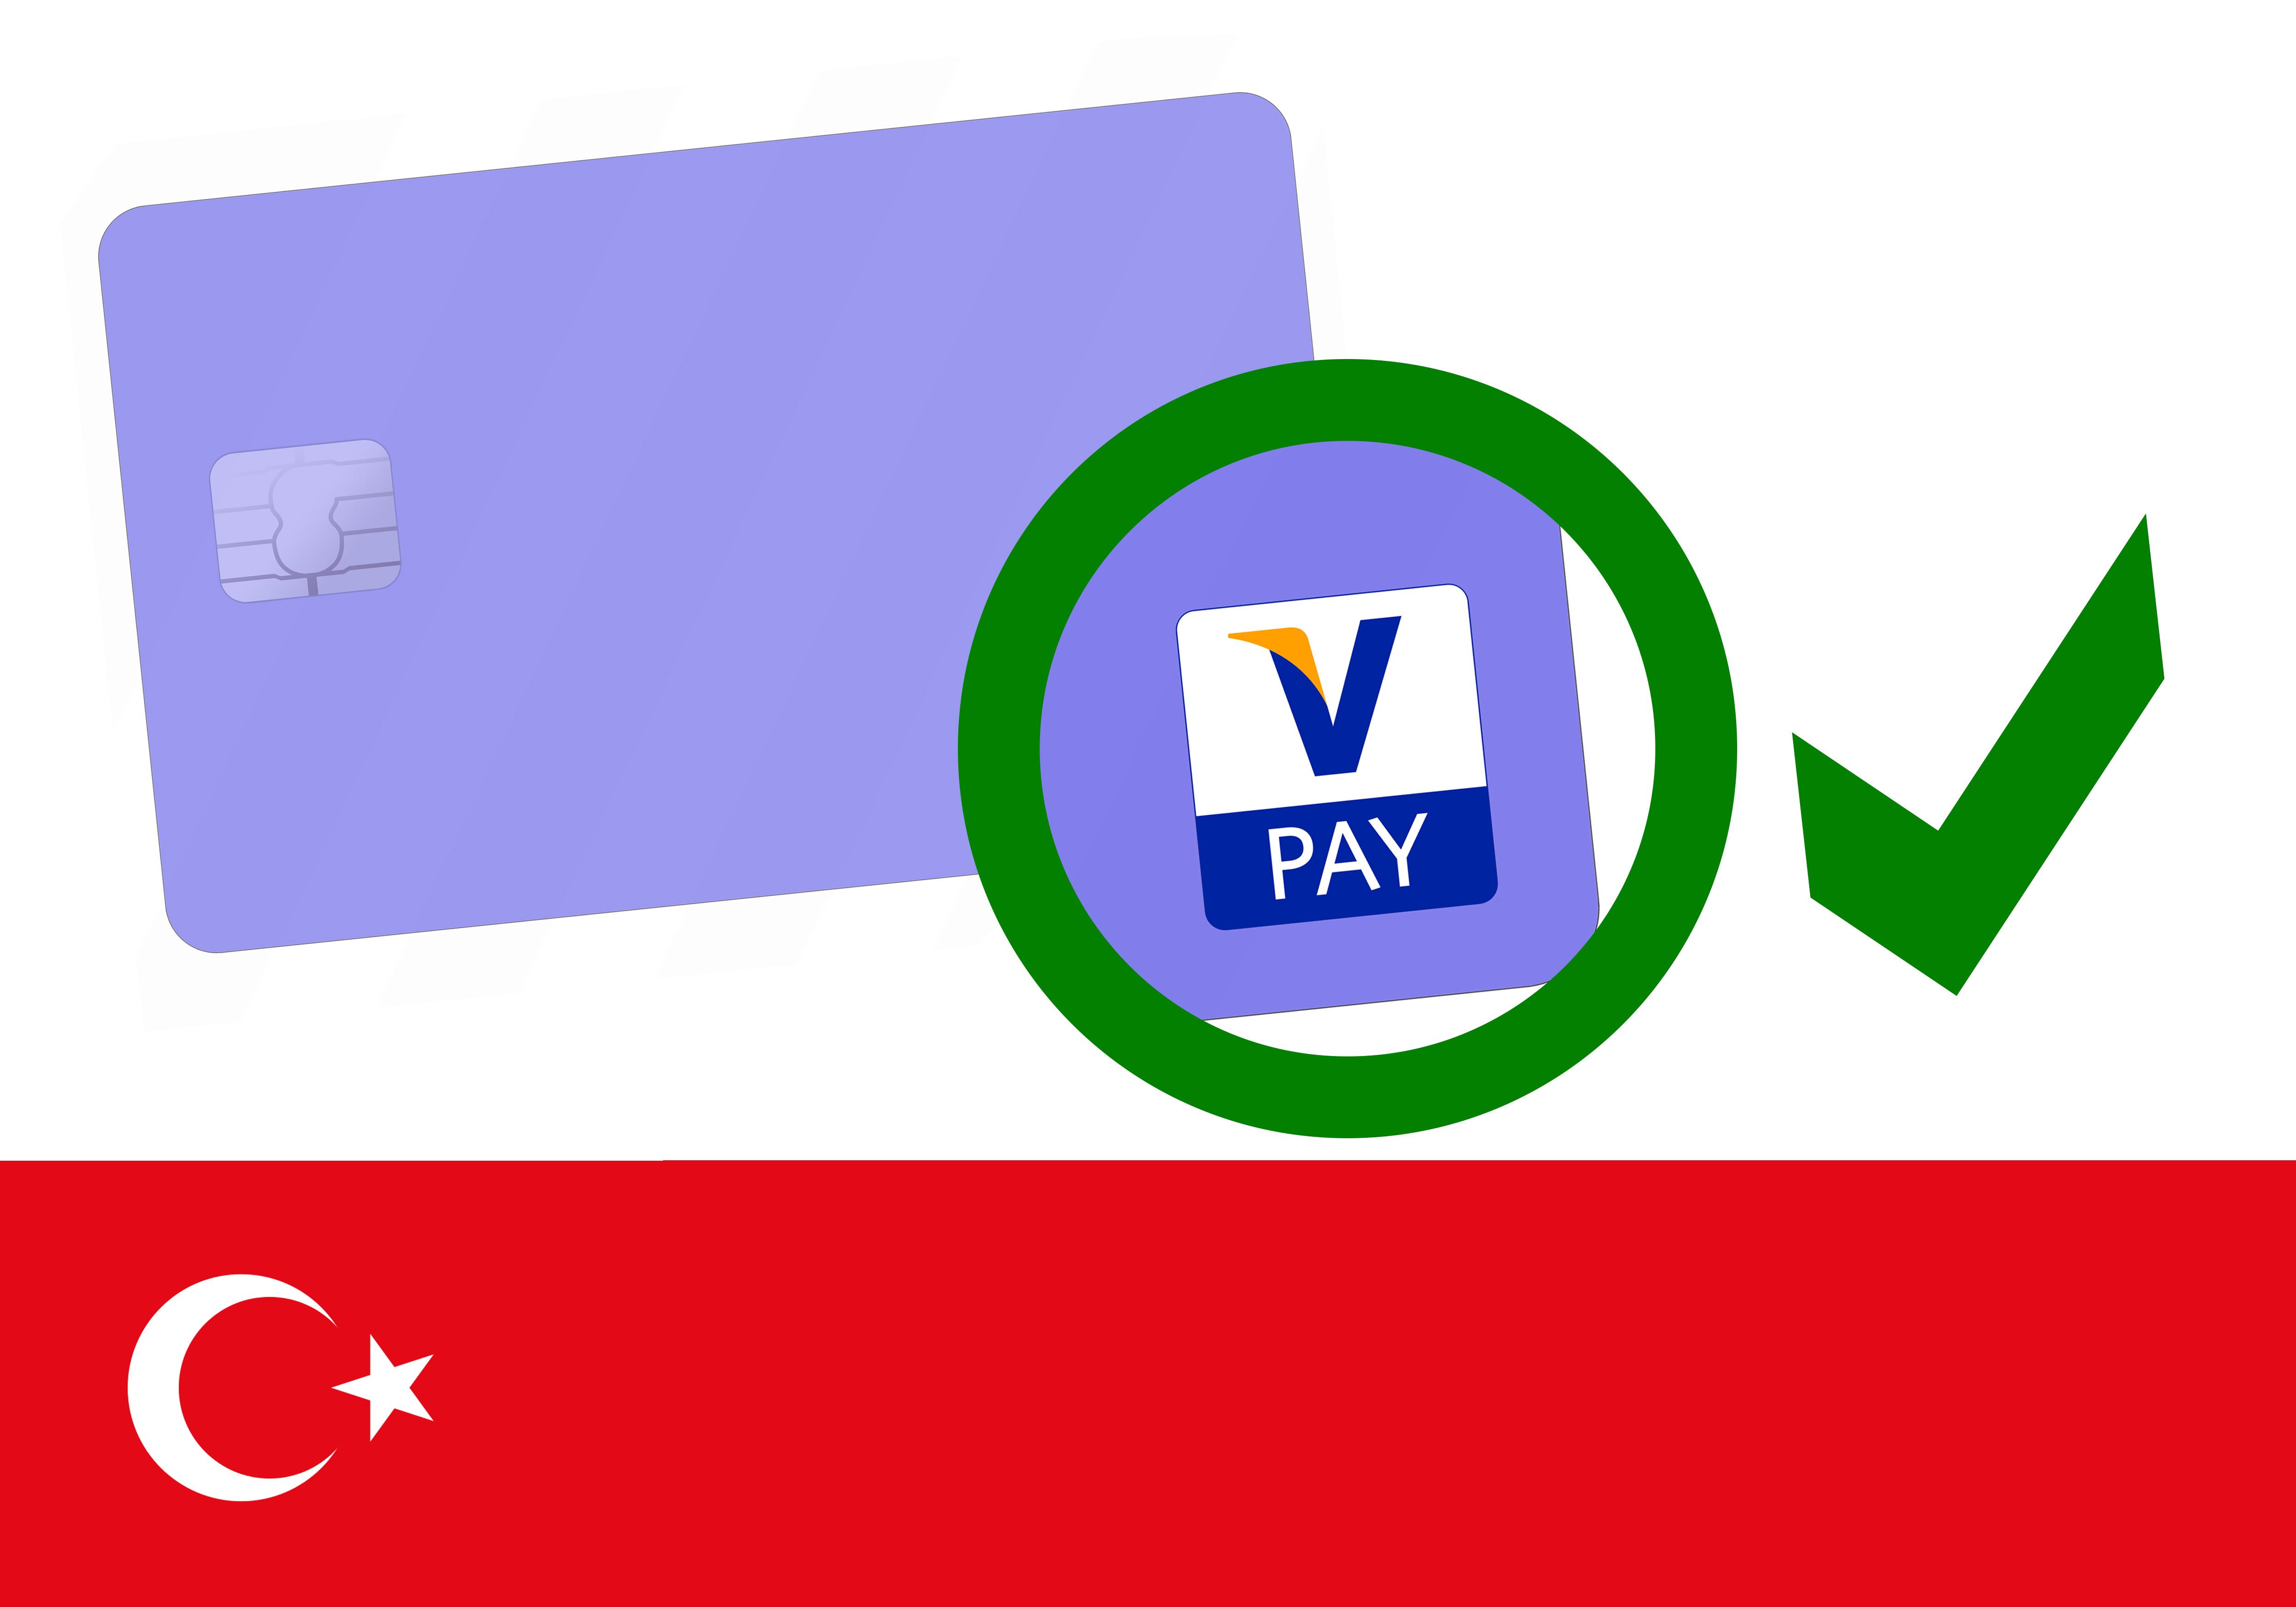 visa geld abheben autoreifen günstig